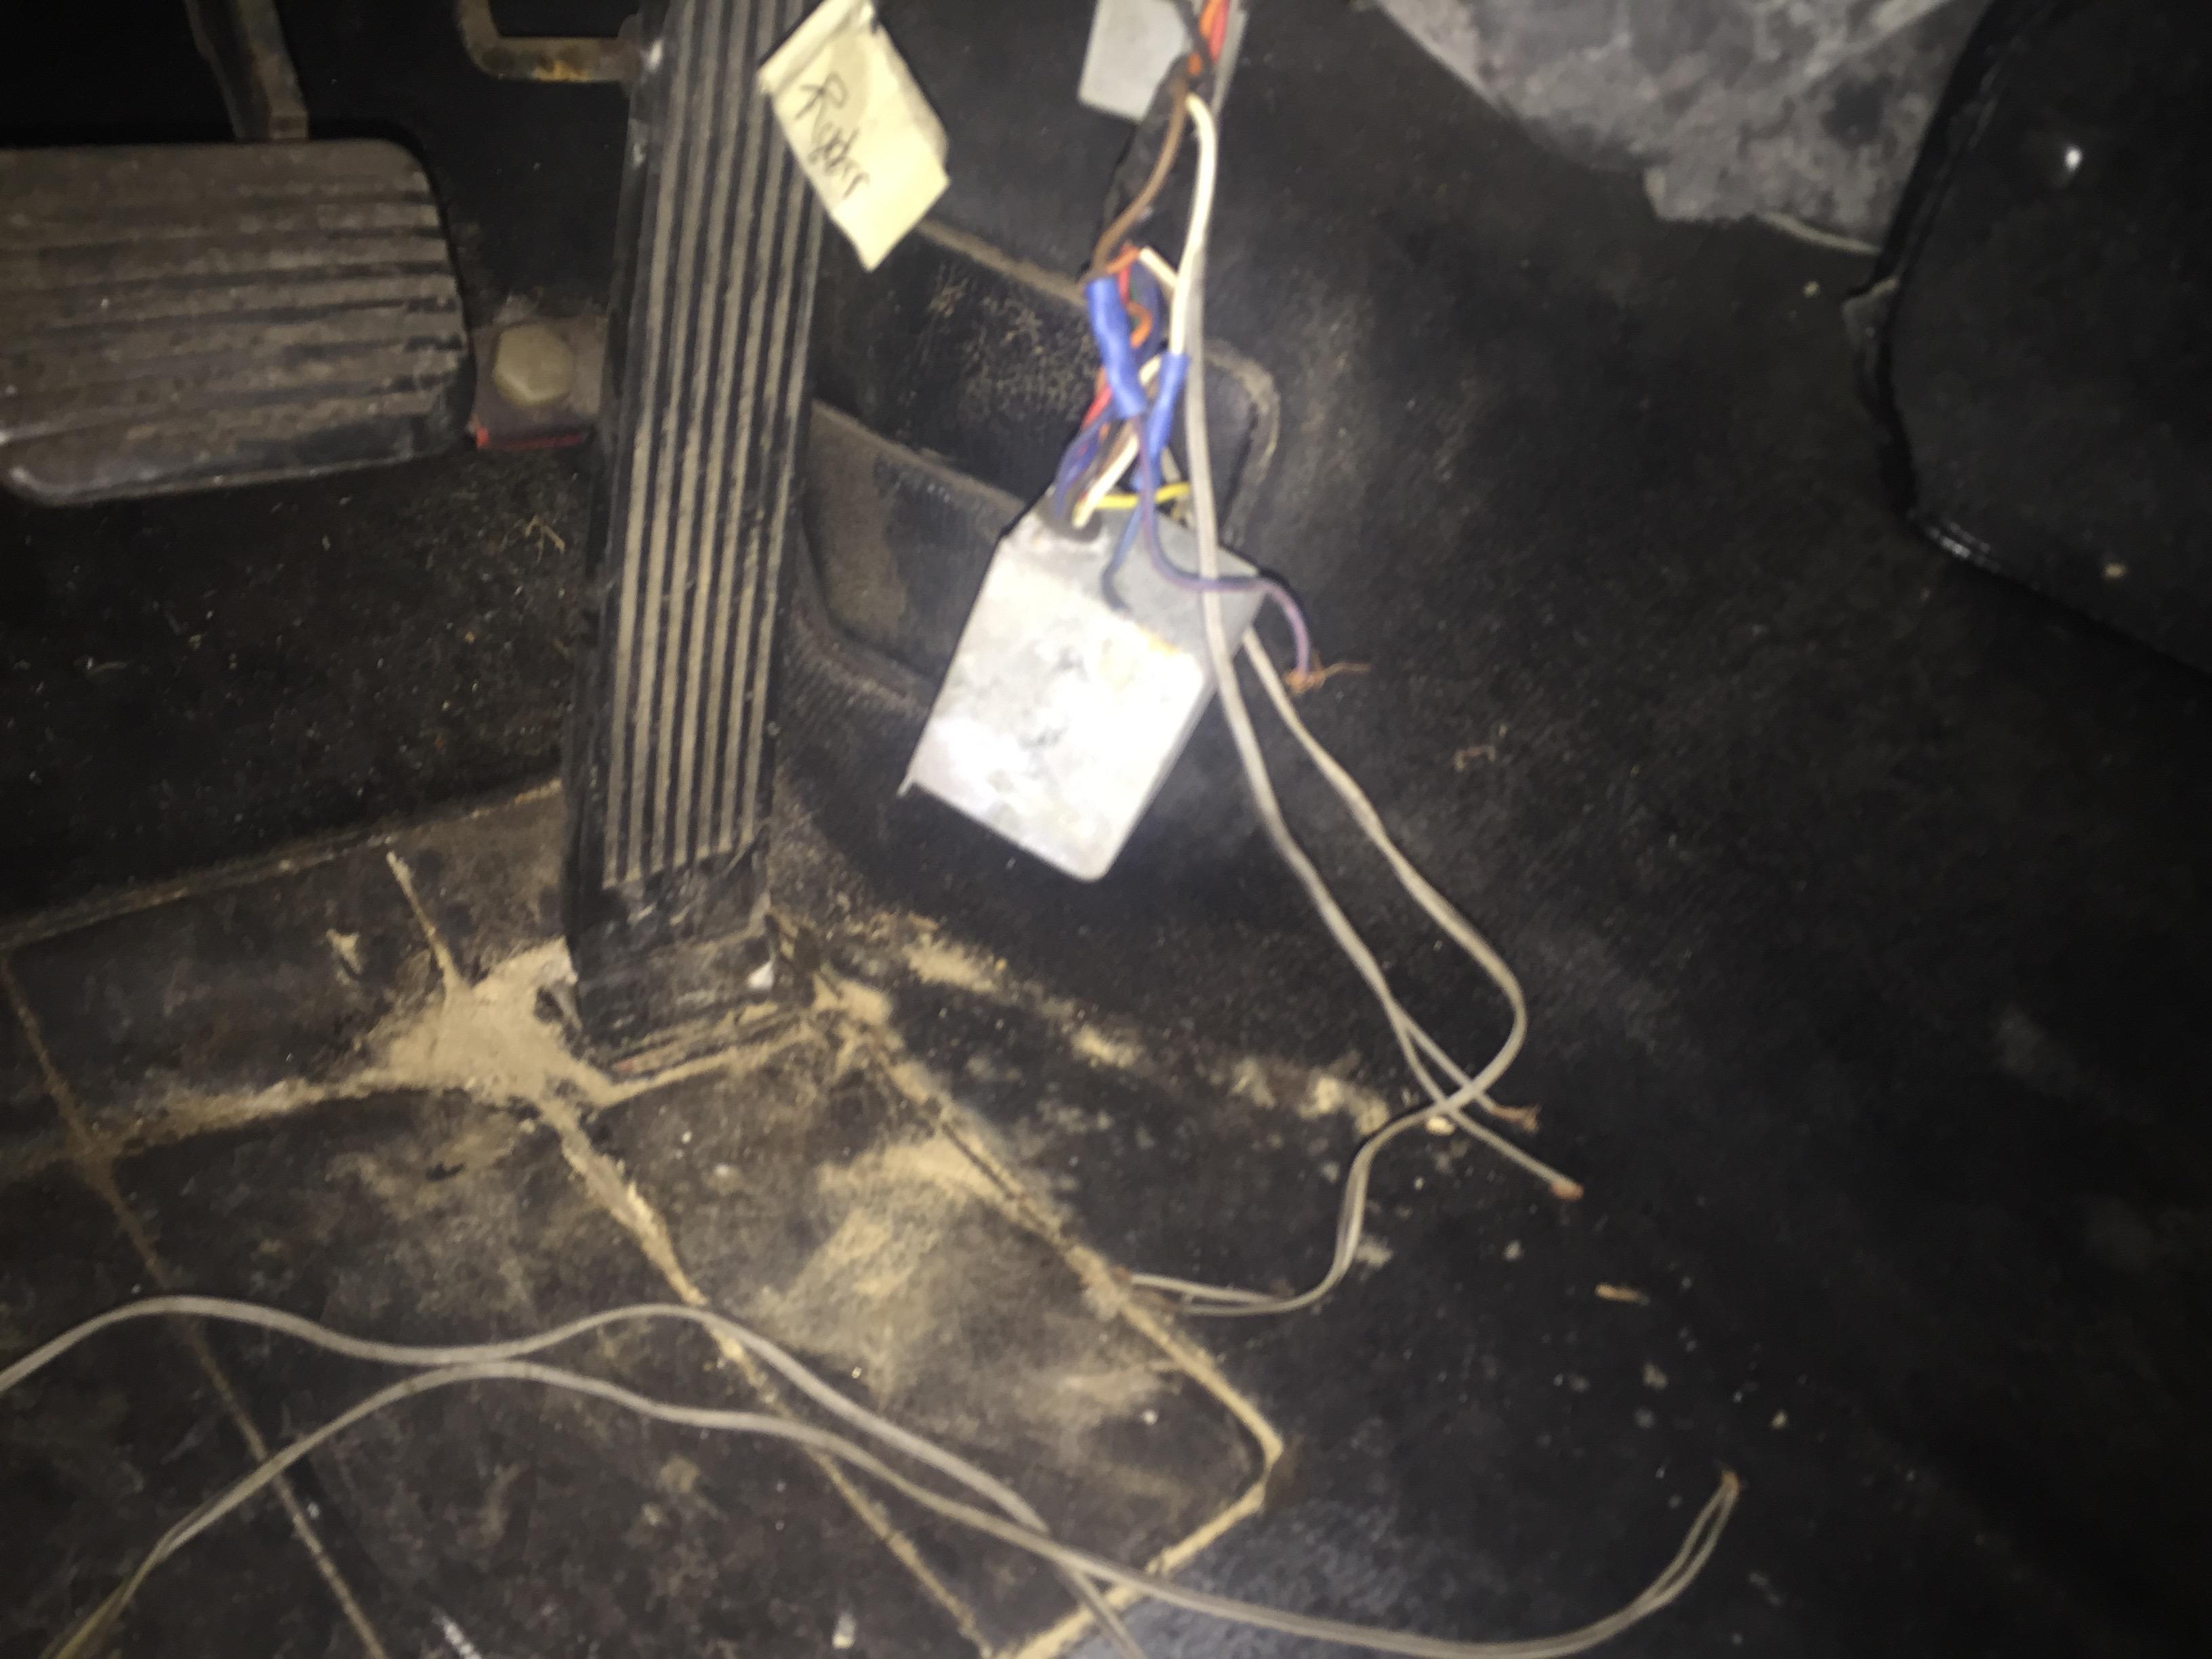 Electrical | Porsche Club of America on porsche 944 heater box, porsche cayman s fuse box, mazda 626 fuse box, porsche 356 fuse box, porsche 930 fuse box, toyota camry fuse box, vw rabbit fuse box, 71 vw bus fuse box, hyundai santa fe fuse box, porsche 944 glove box, porsche 928 fuse box, porsche 944 air box, porsche 911 fuse box, porsche 964 fuse box,